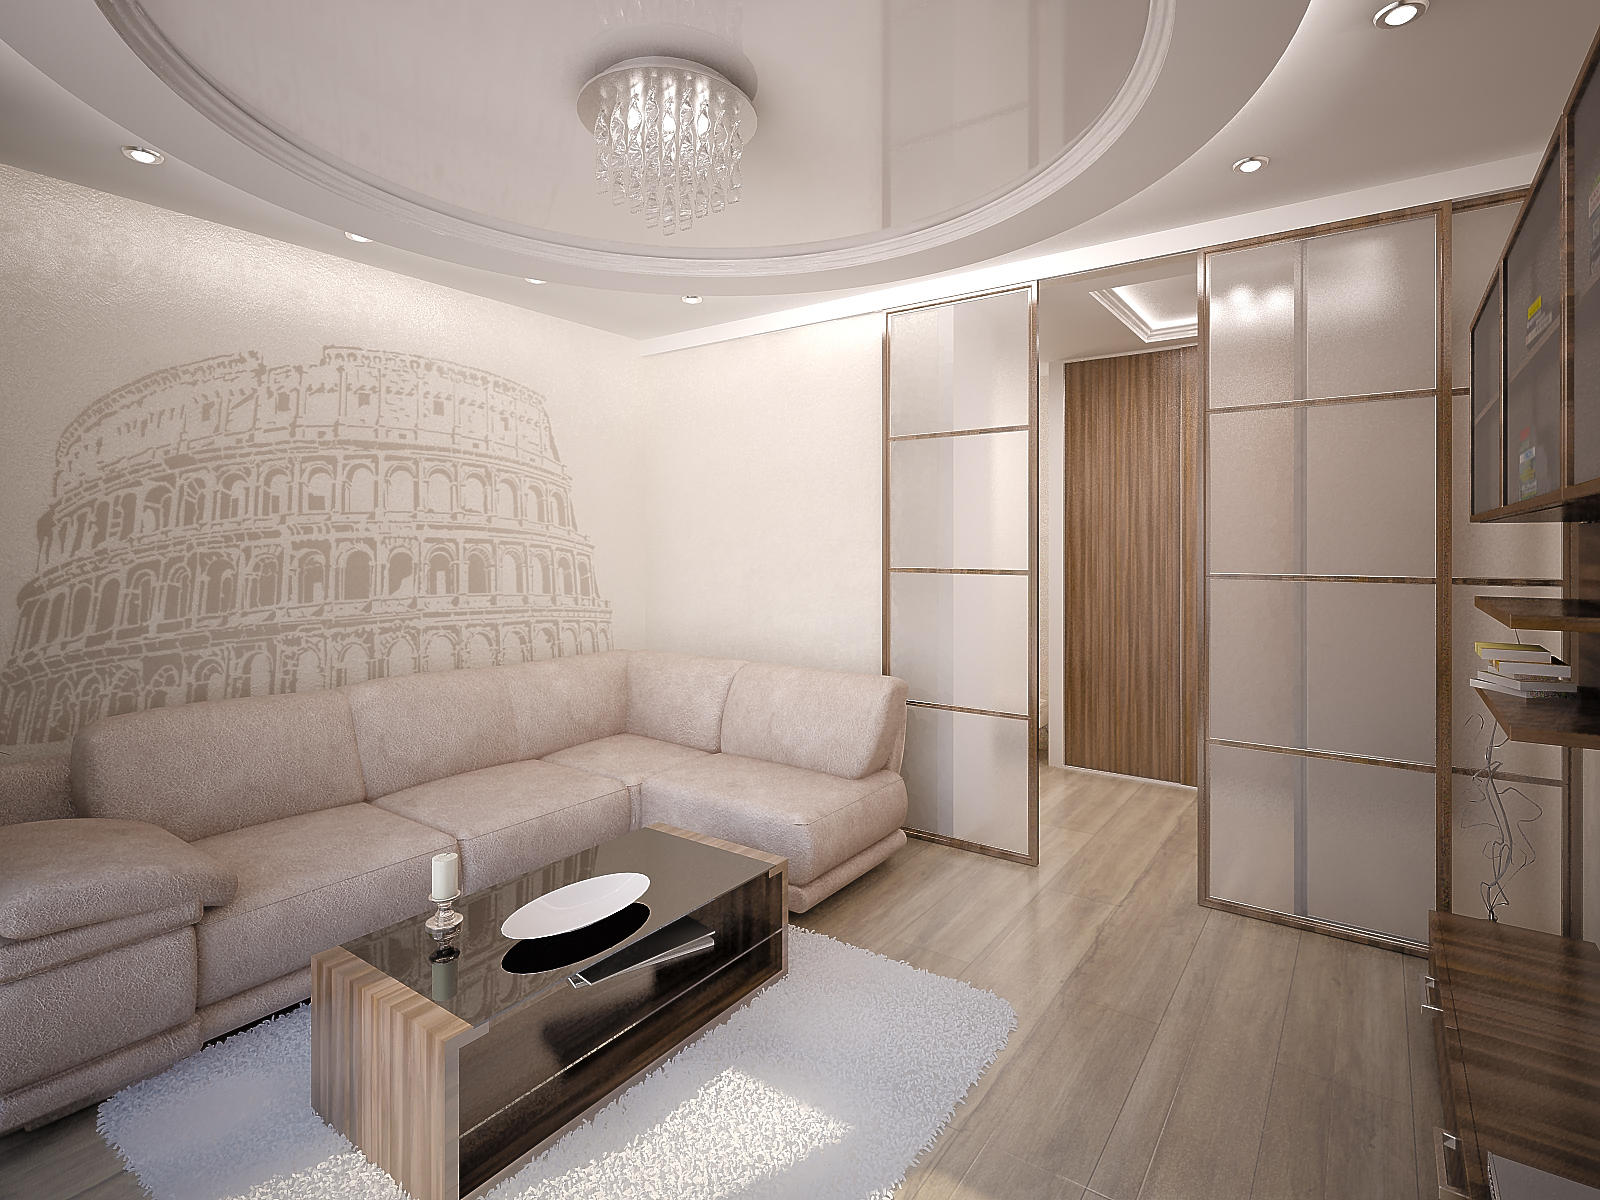 Оформить стены в хрущевке можно с помощью гипсокартона, обоев или декоративной штукатурки